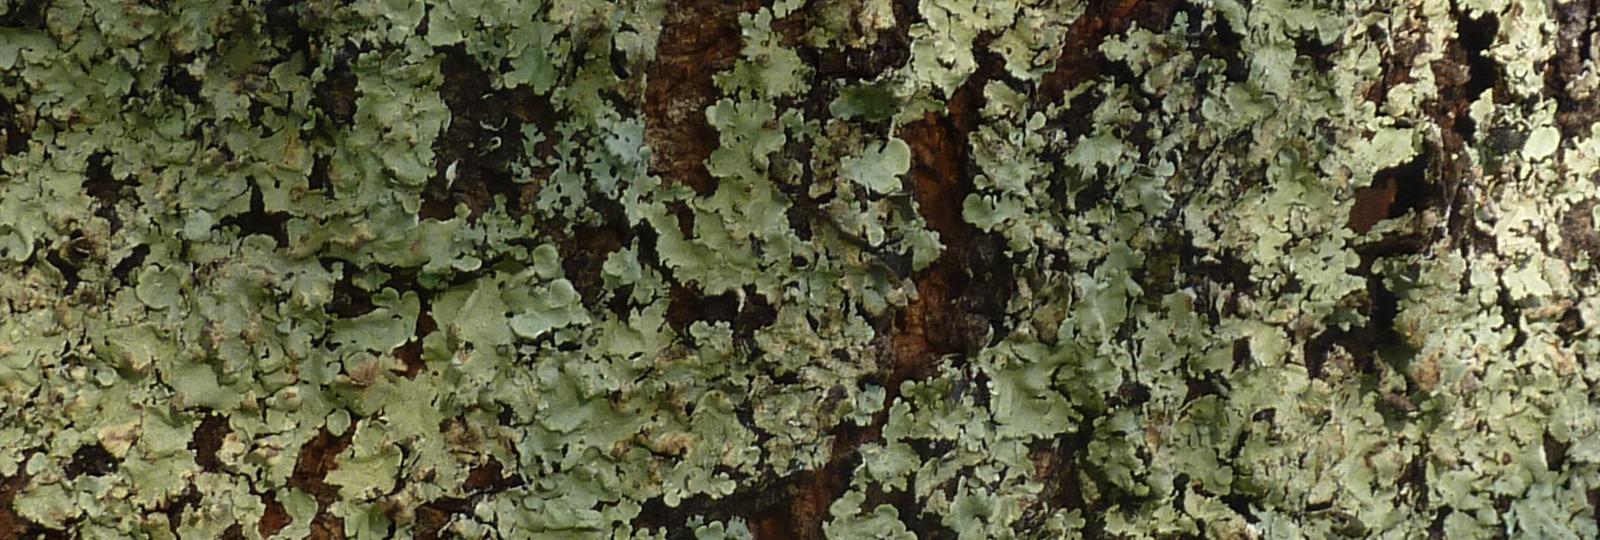 photo d'un lichen corticole sur le tronc d'un cerisier